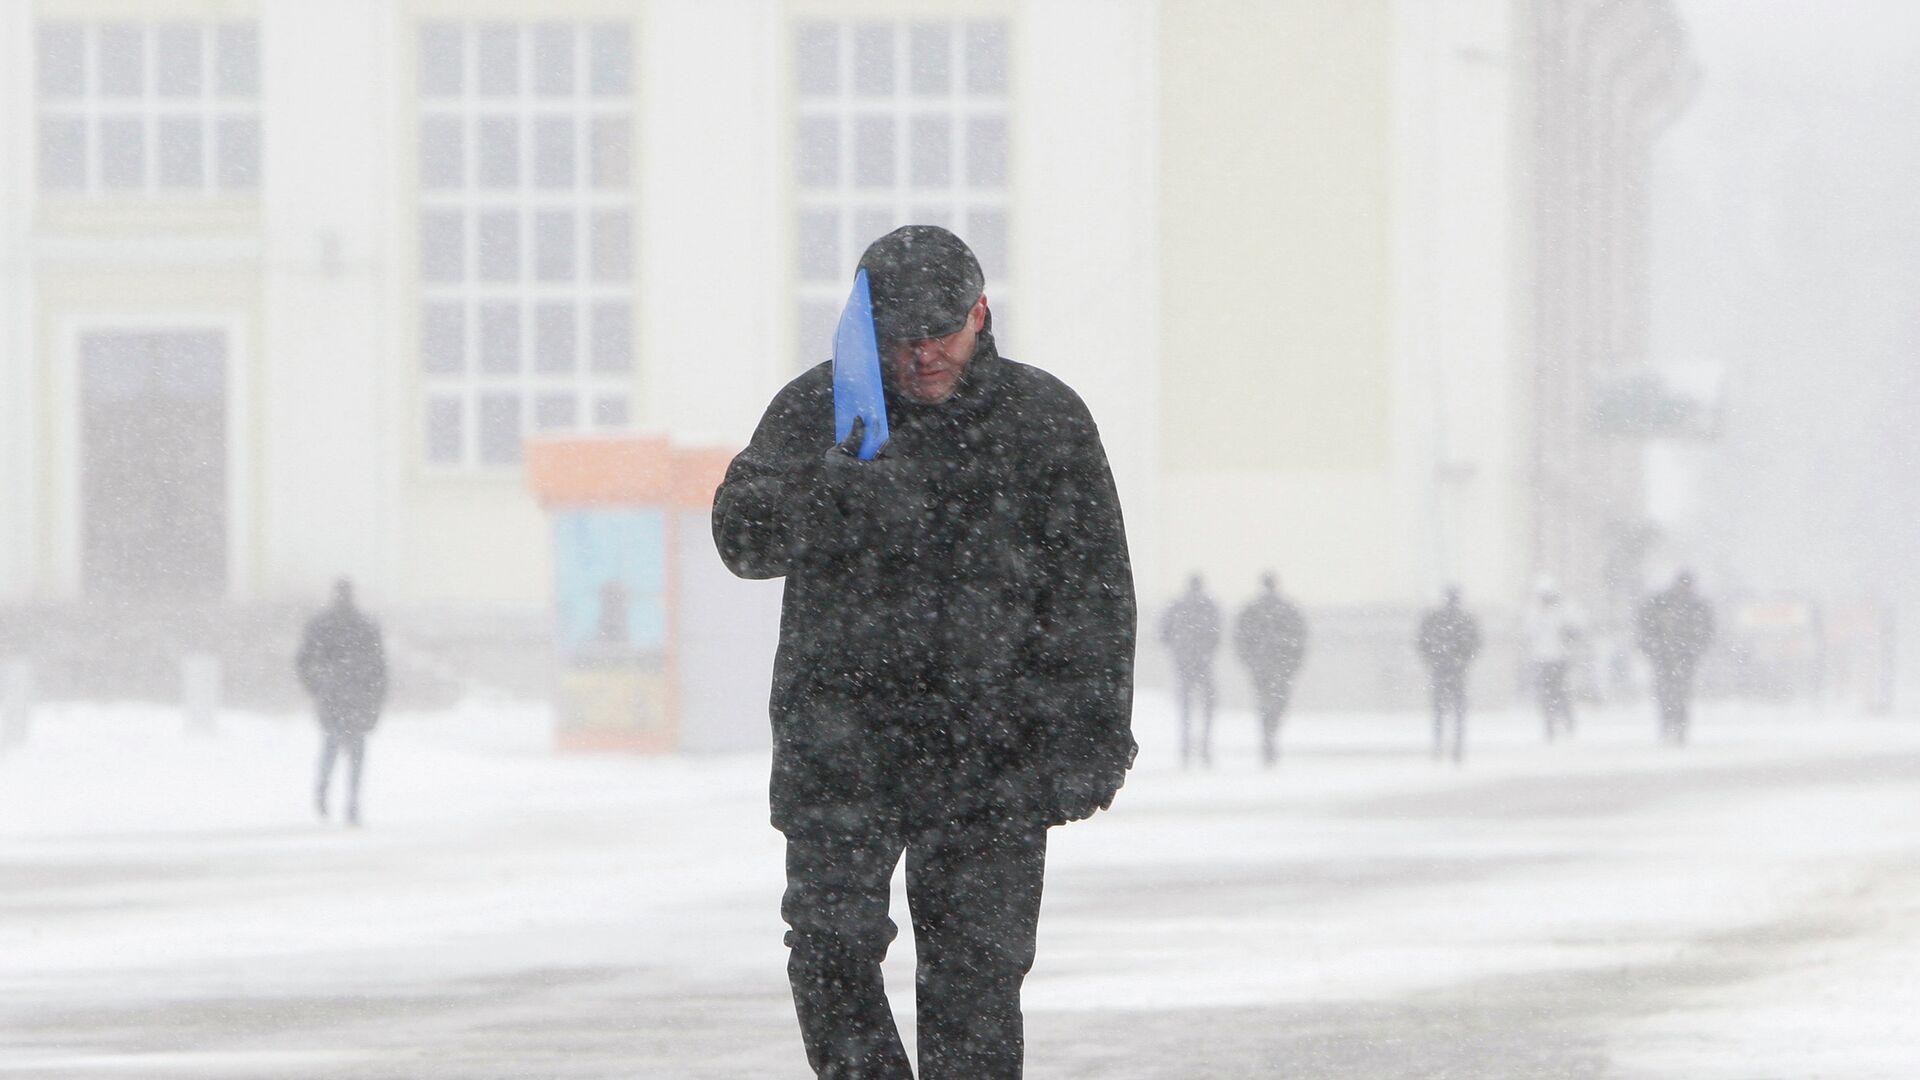 Европейский циклон добрался до Минска - РИА Новости, 1920, 21.11.2020